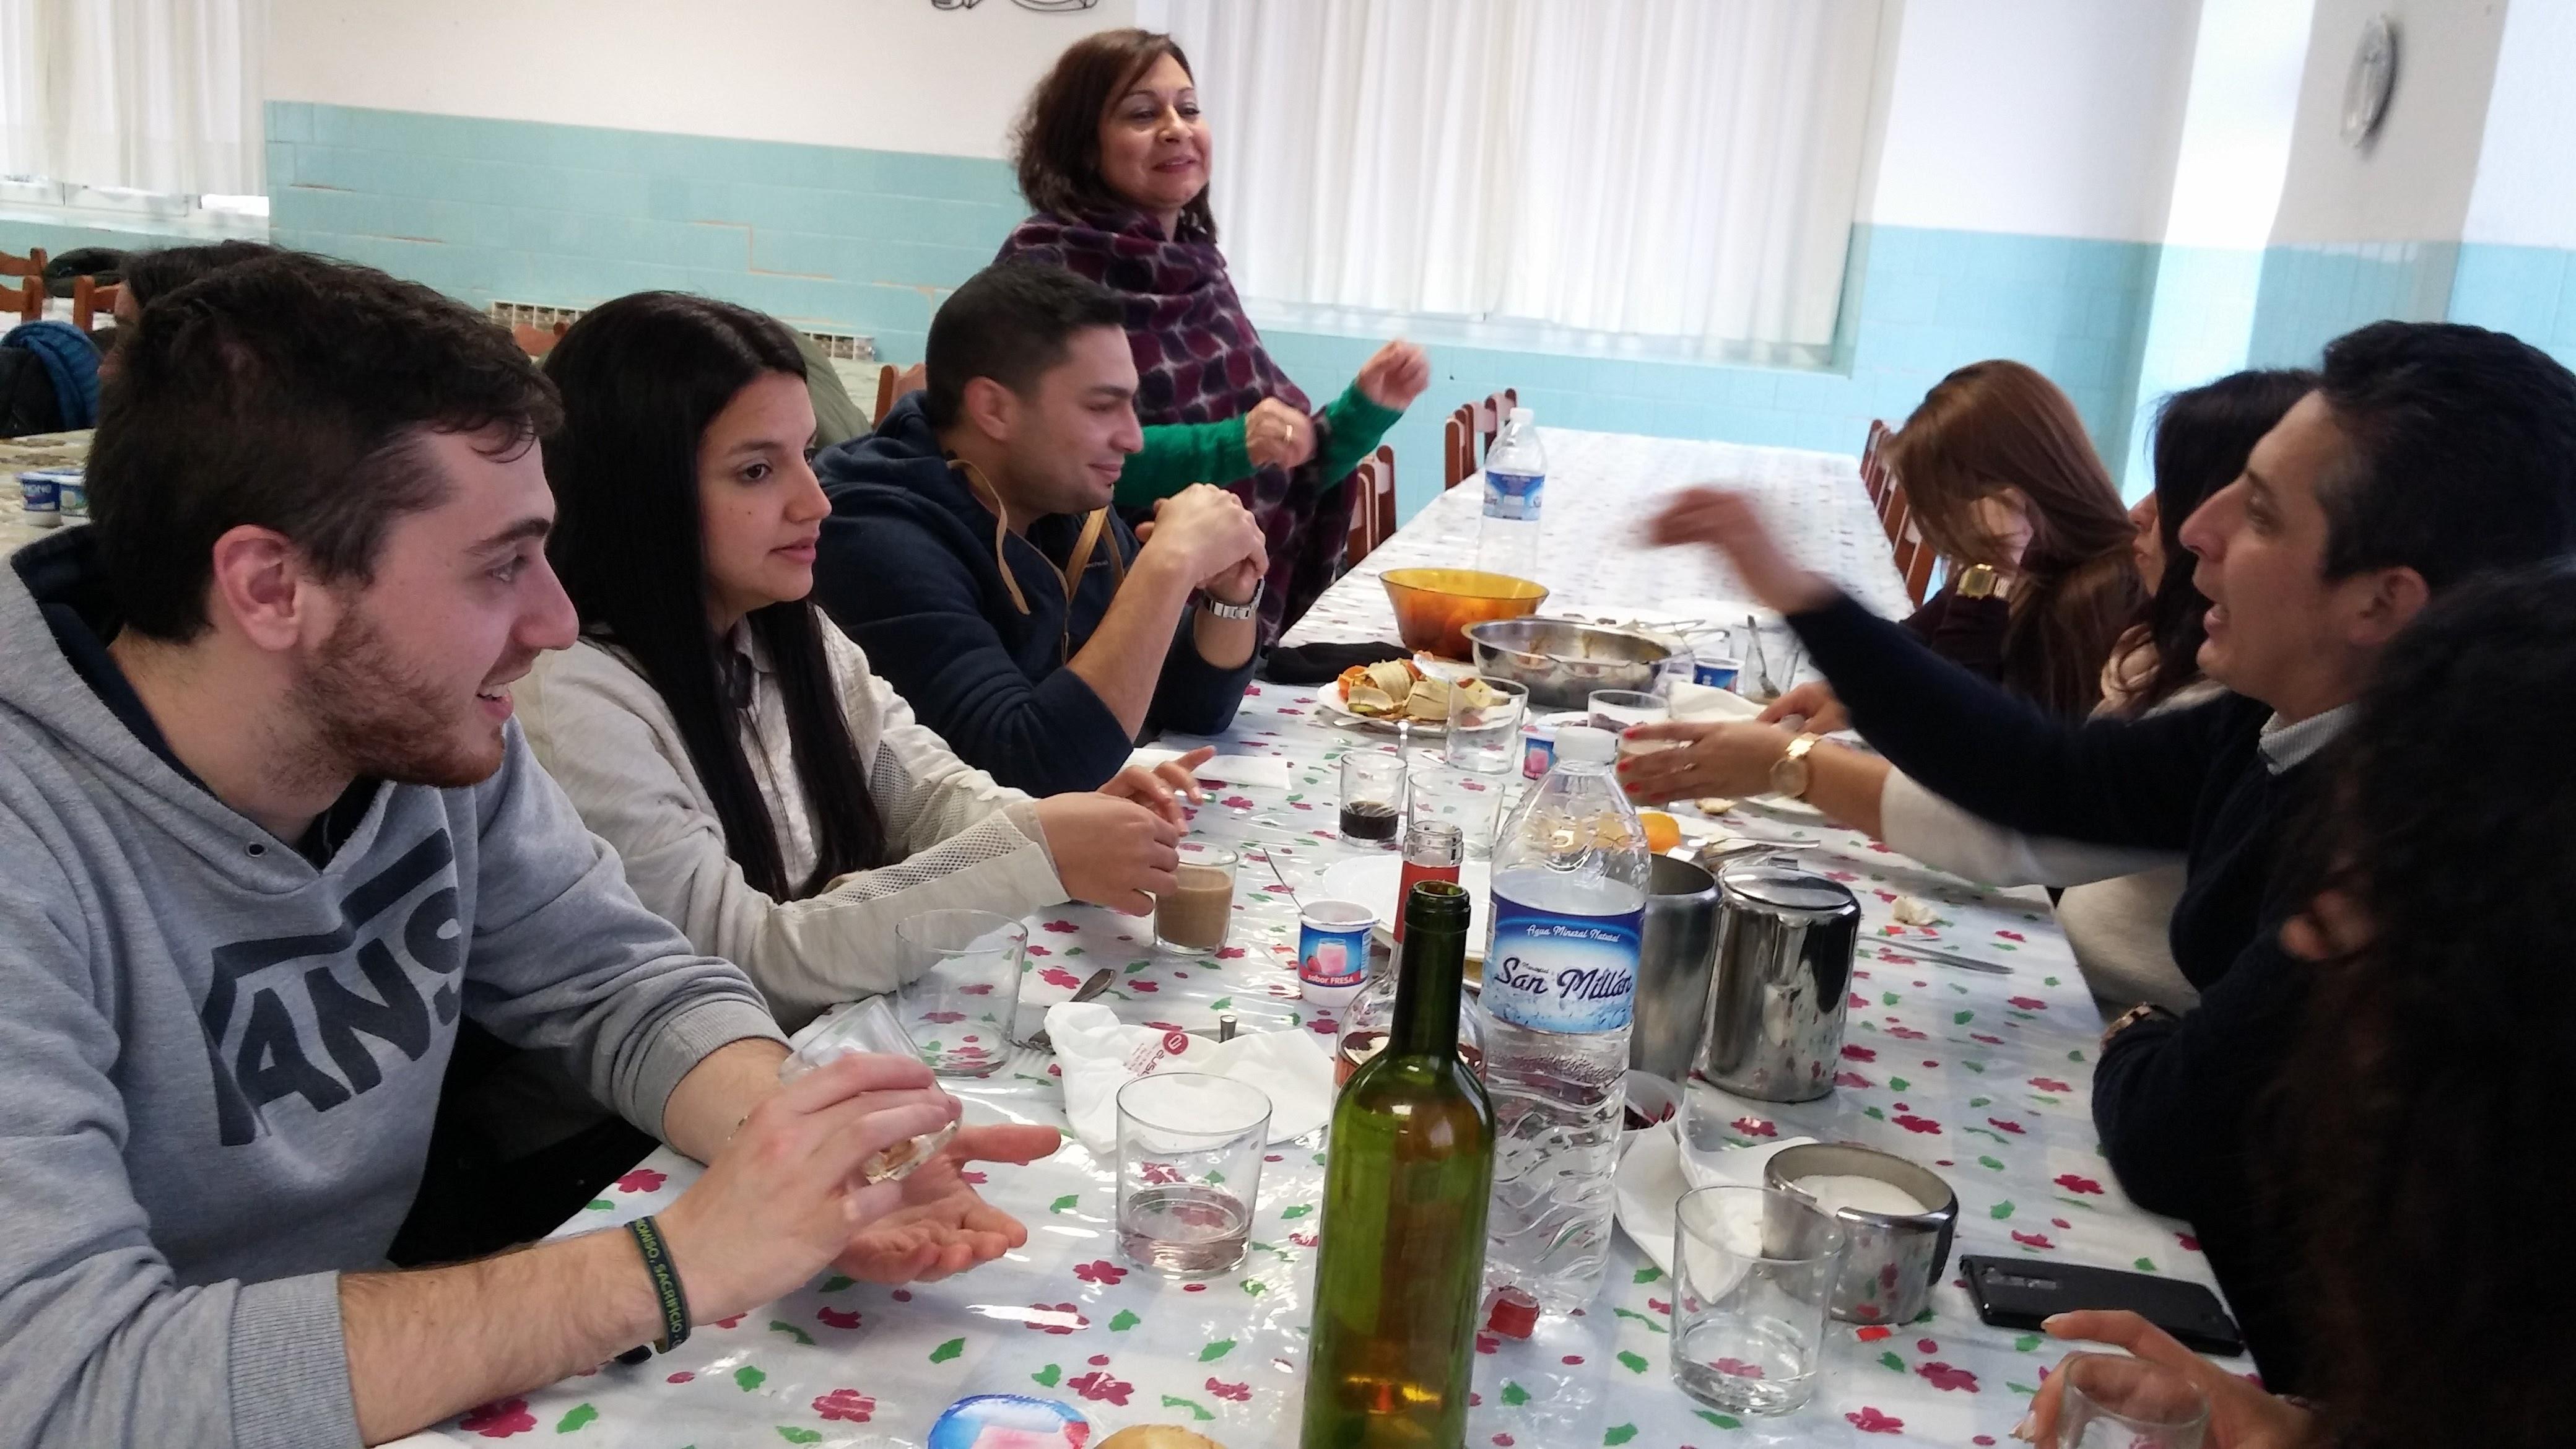 2016.02.27y28 - Retiro de Mística (7 PIEDRAS) (10).jpg